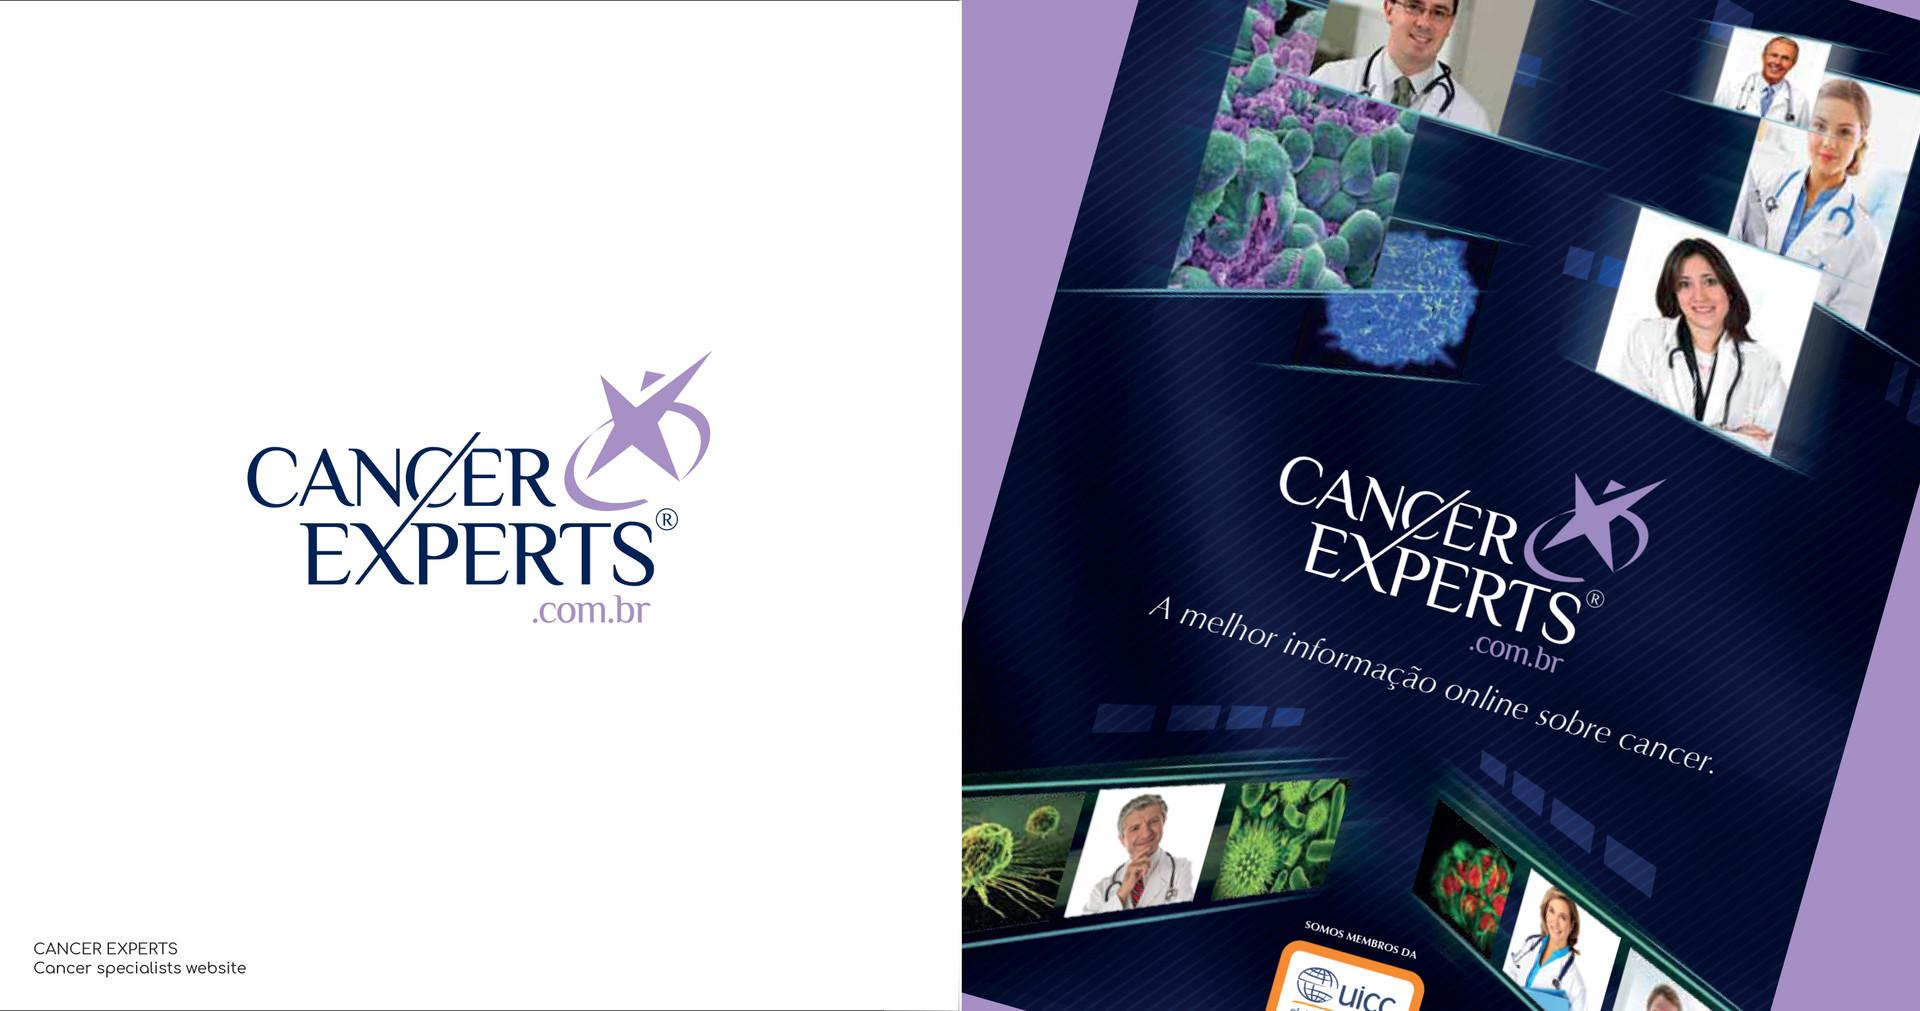 LOGOFOLIO_SAUDE_Cancer_Experts.jpg